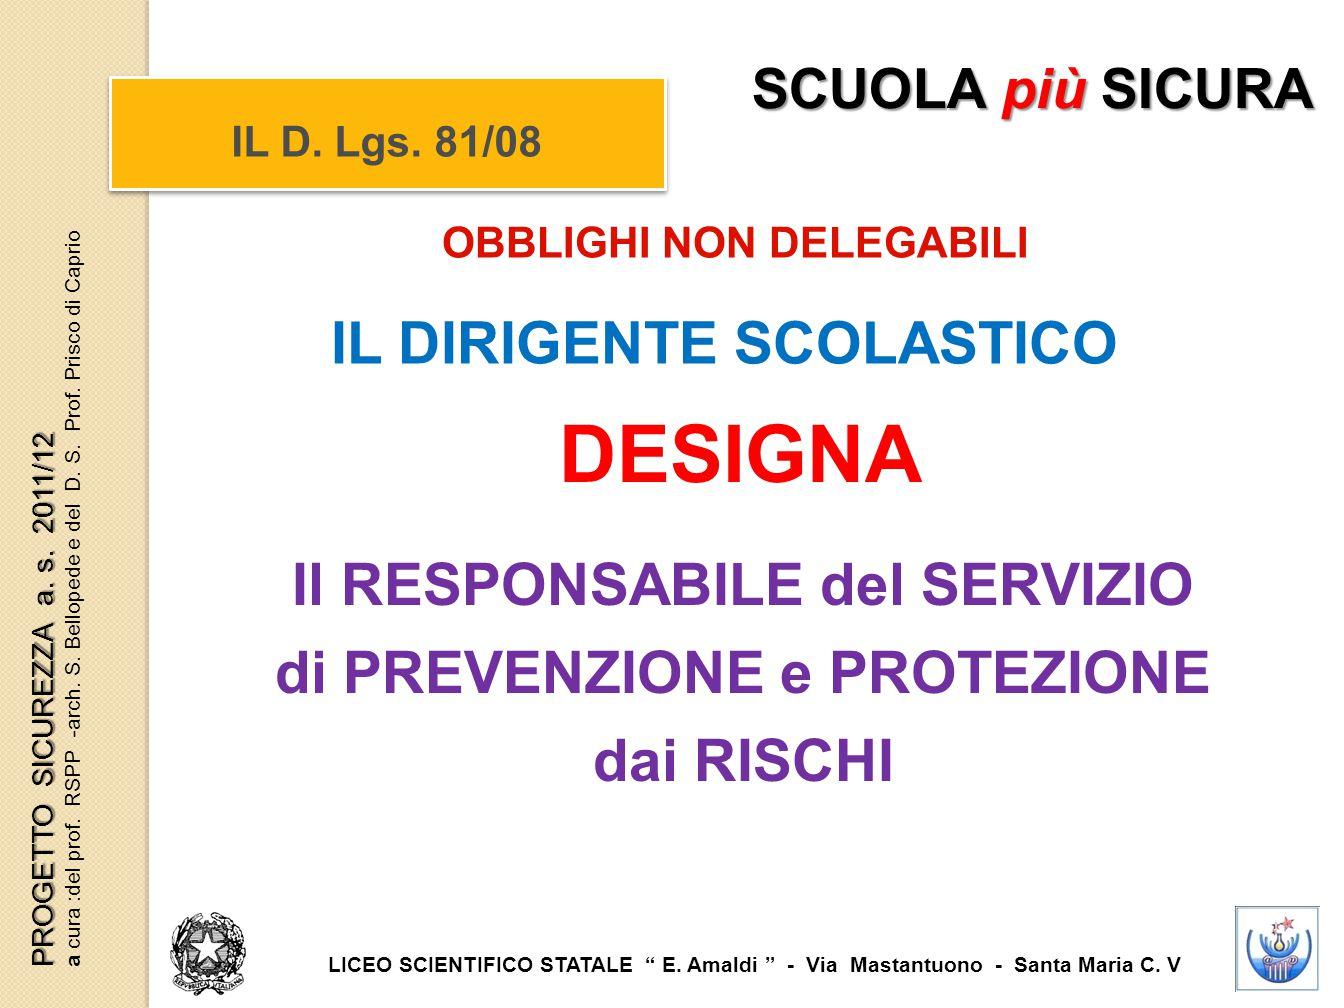 IL D. Lgs. 81/08 OBBLIGHI NON DELEGABILI DESIGNA Il RESPONSABILE del SERVIZIO di PREVENZIONE e PROTEZIONE dai RISCHI SCUOLA più SICURA LICEO SCIENTIFI